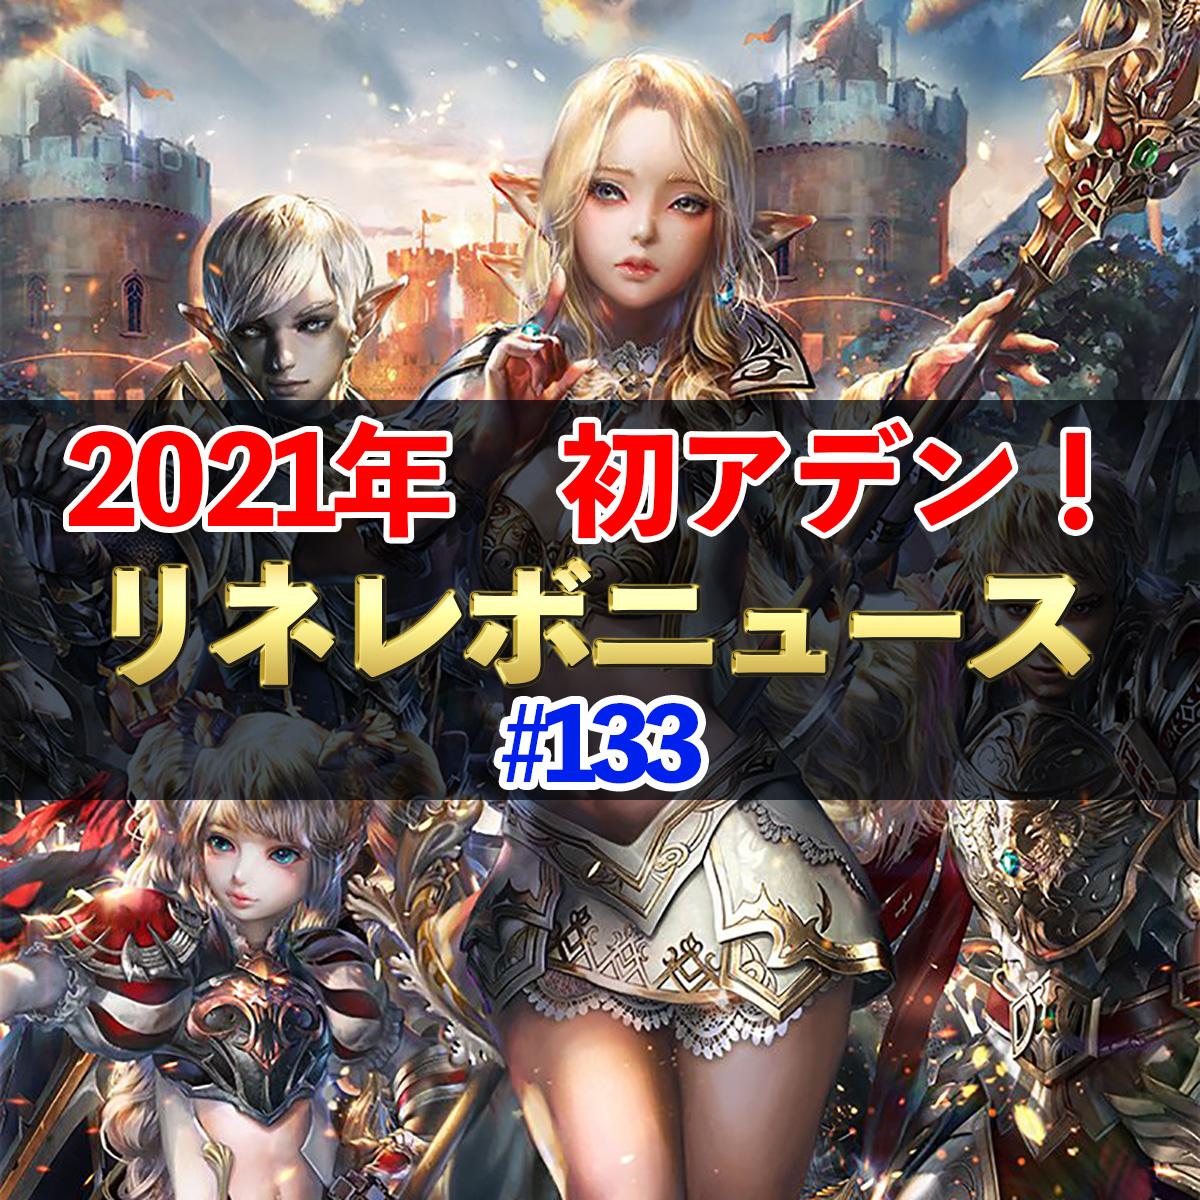 【リネレボ】今年最初のアデン城決戦! リネレボニュース#133